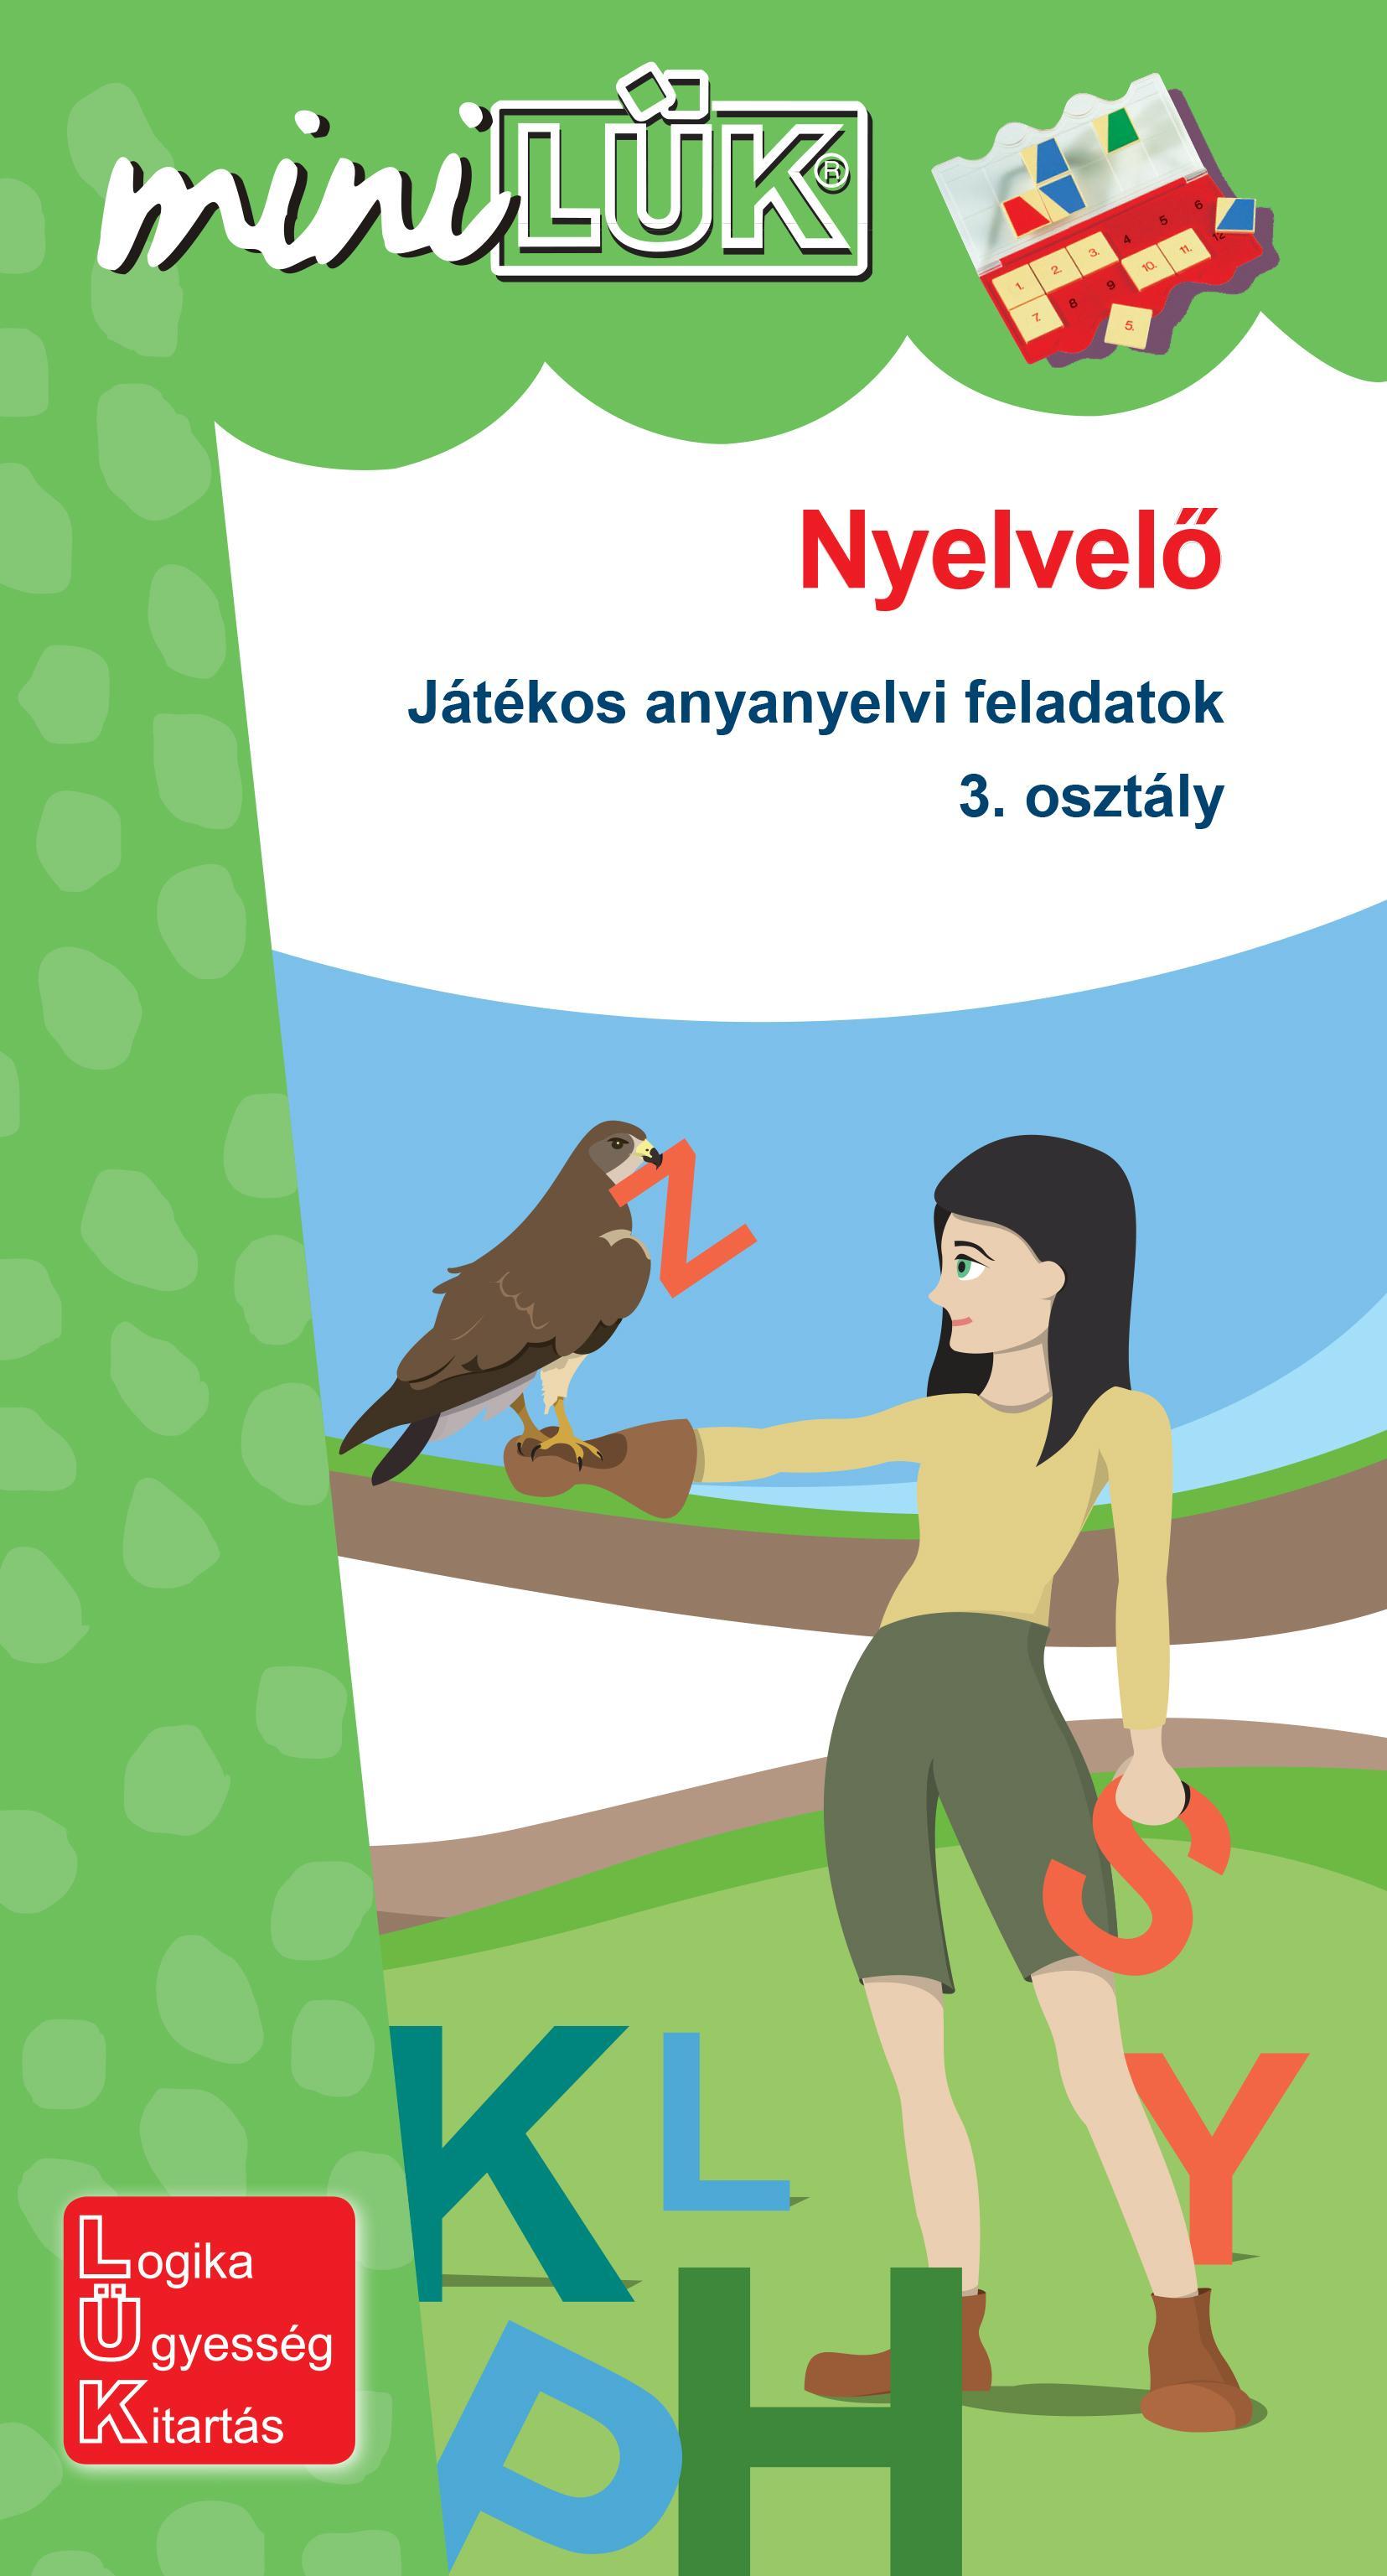 NYELVELŐ - JÁTÉKOS ANYANYELVI FELADATOK  3. OSZTÁLY  - MINILÜK